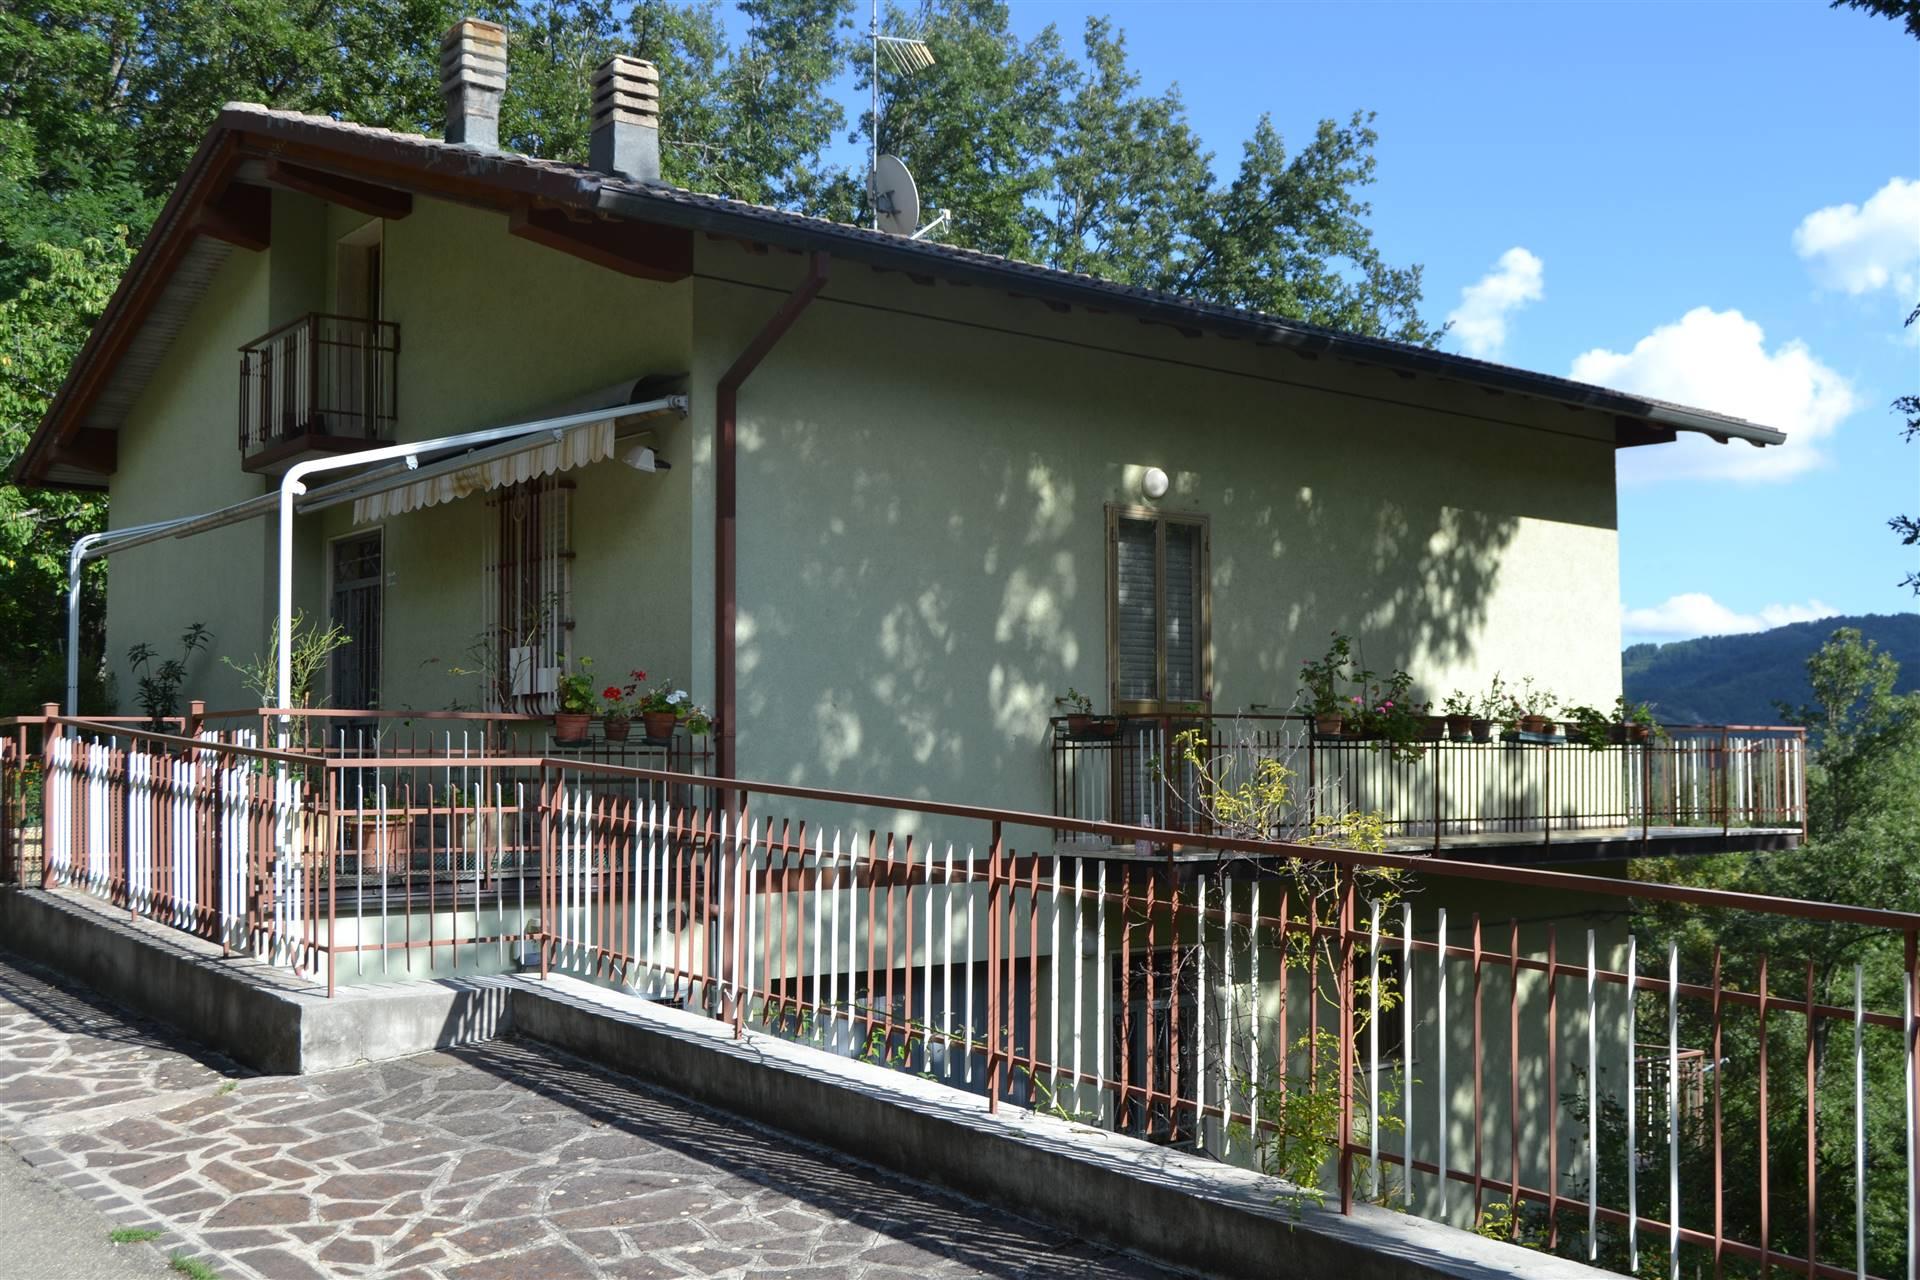 Villa Bifamiliare in vendita a Montese, 11 locali, prezzo € 140.000 | CambioCasa.it